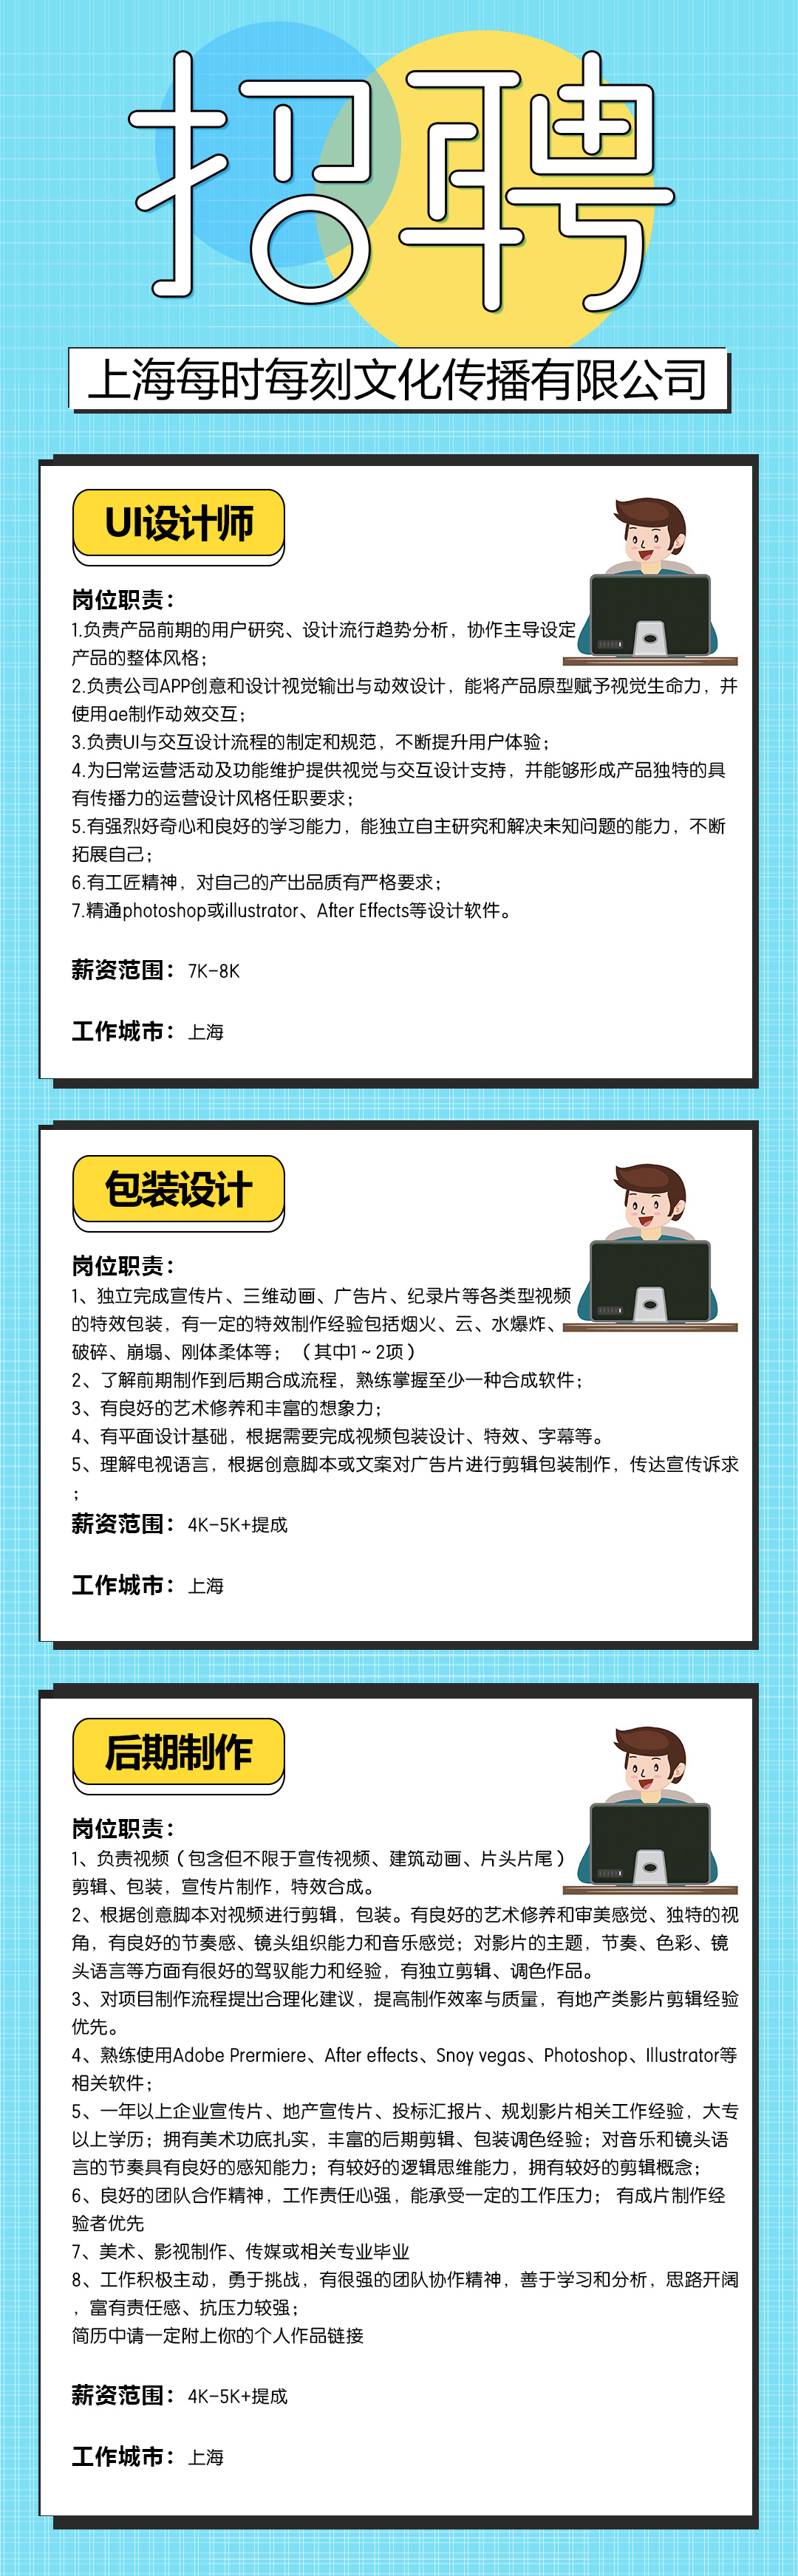 上海每时每刻文化传播有限公司